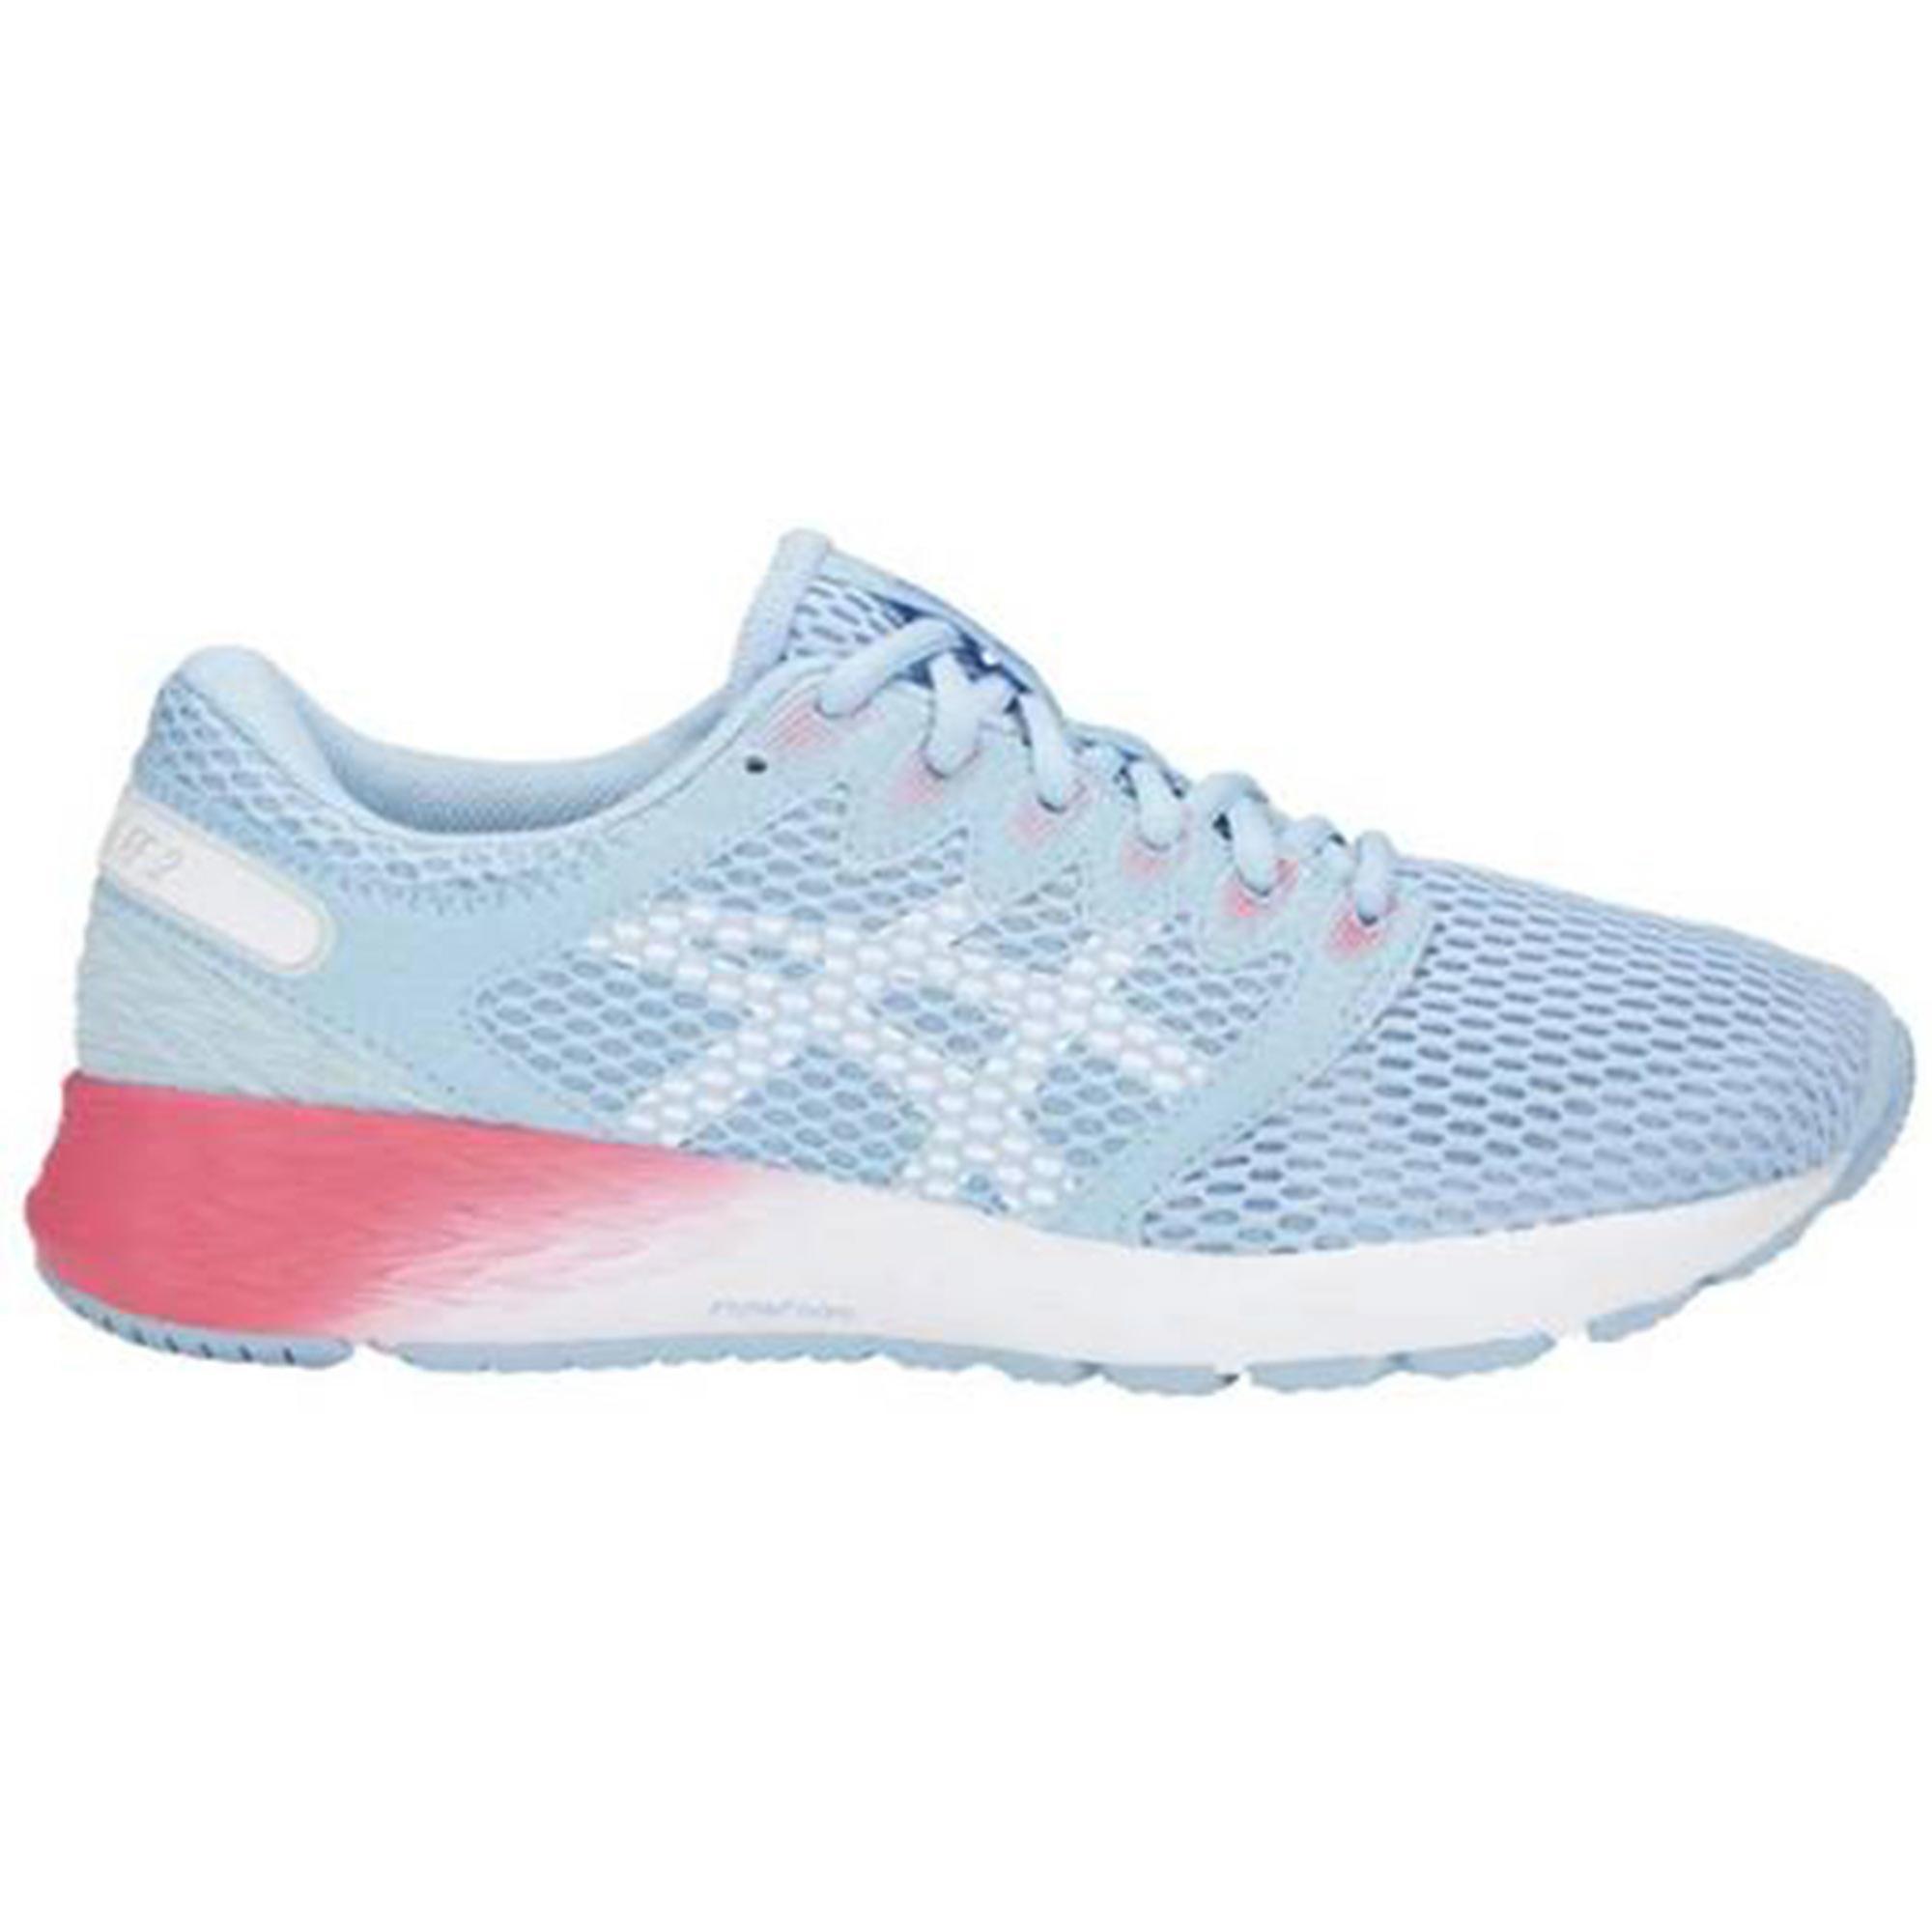 Asics Hardloopschoenen voor dames Gel Roadhawk blauw